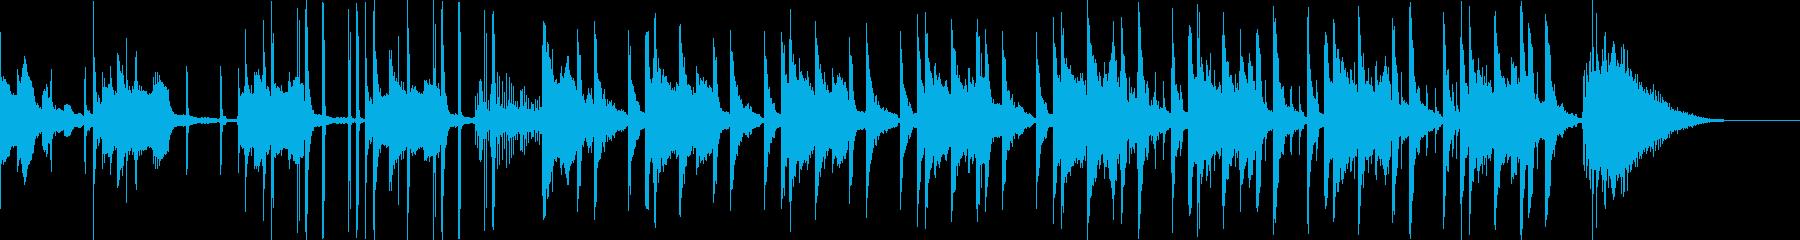 カッコいいラテンサウンド30秒[CM]の再生済みの波形